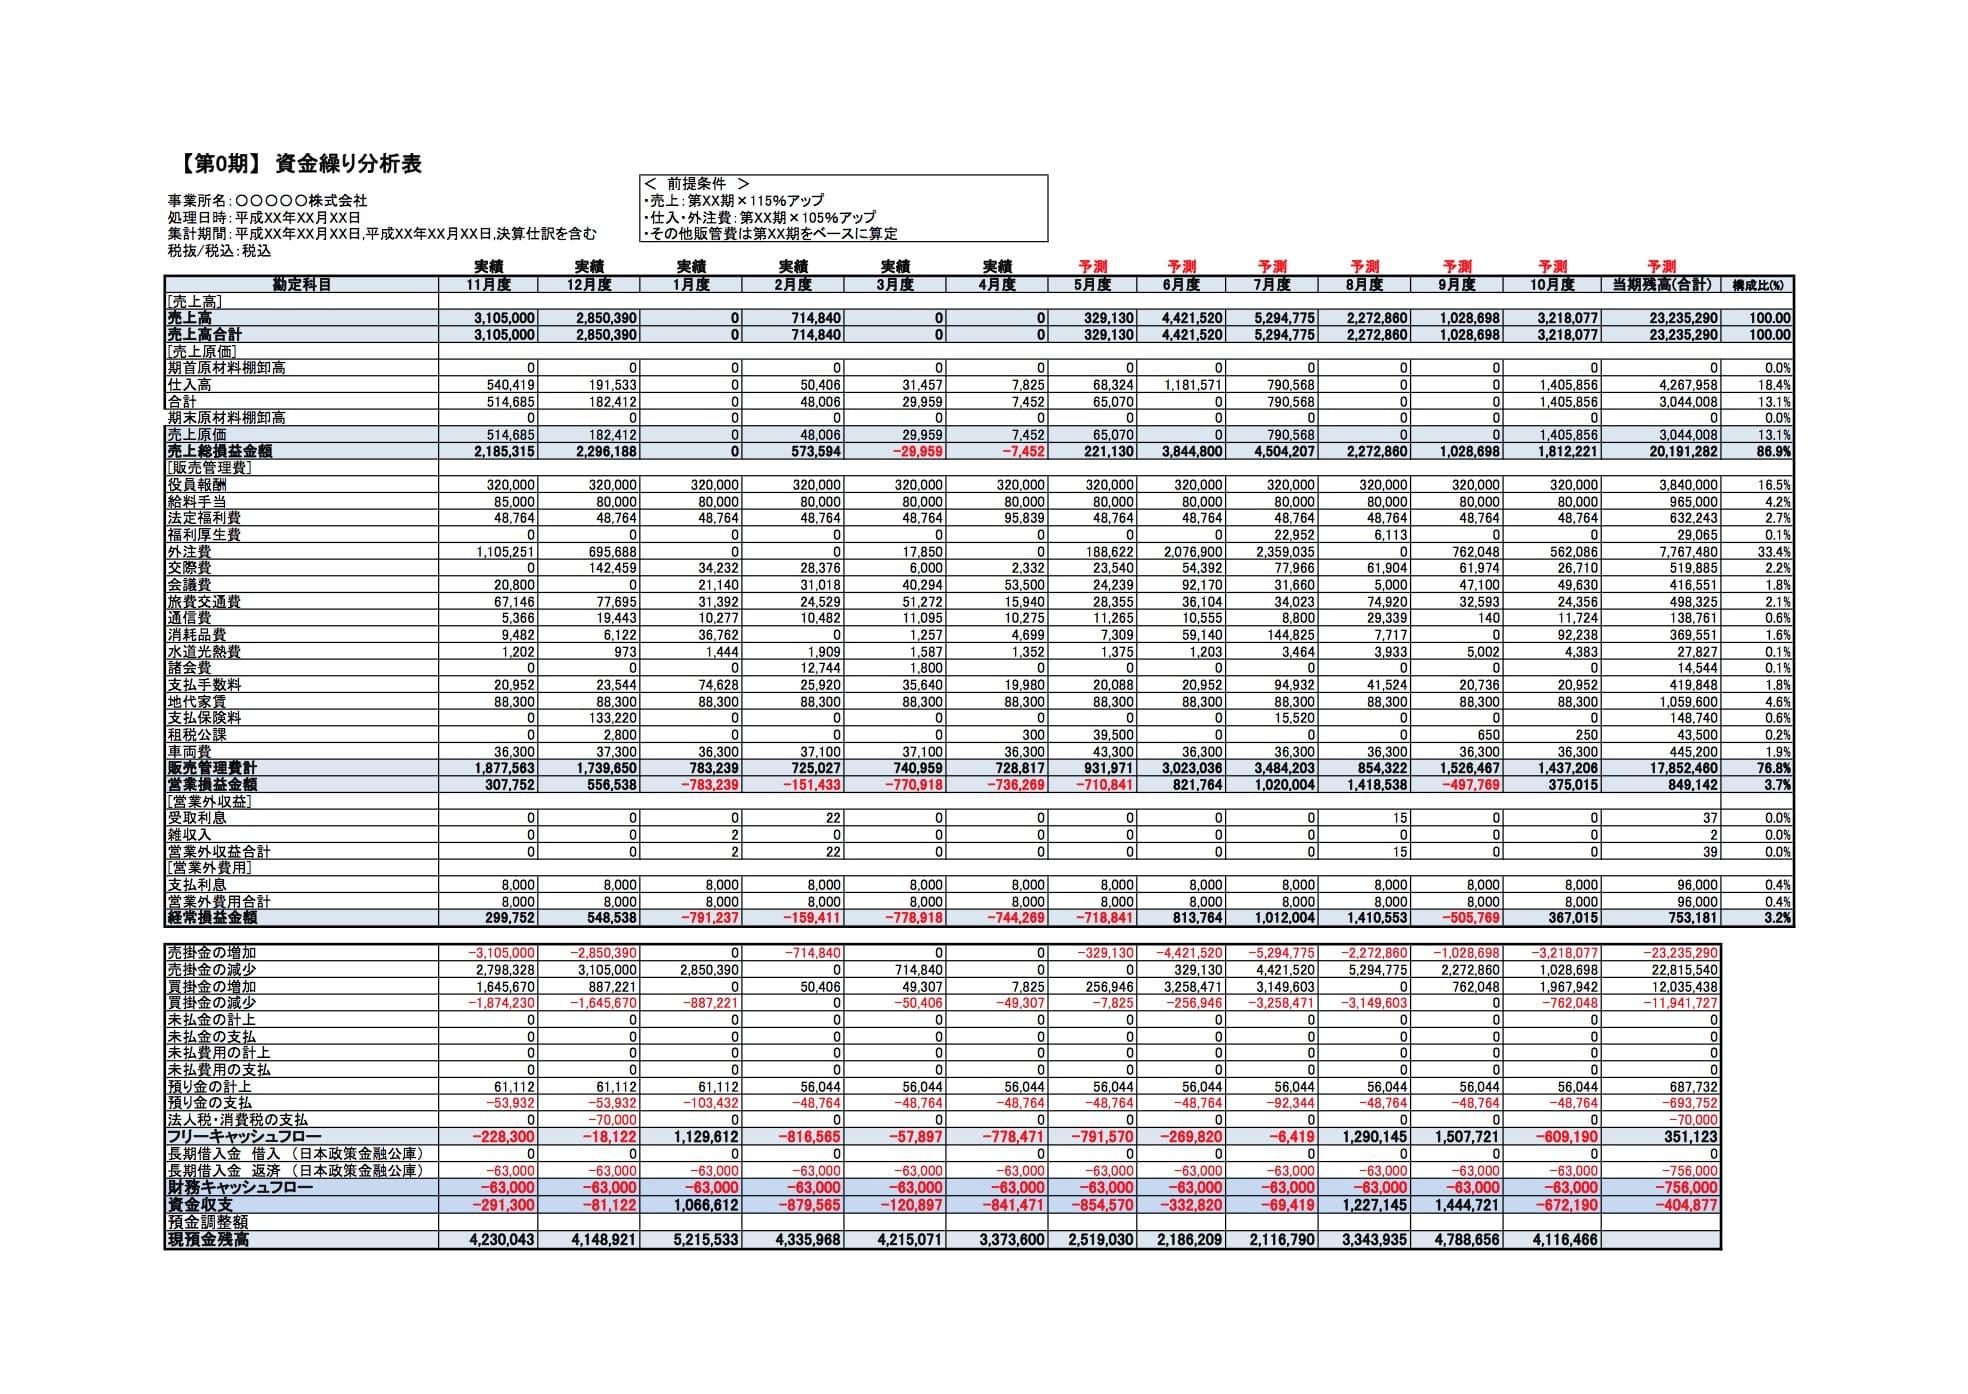 資金繰り分析表見本(PDF)